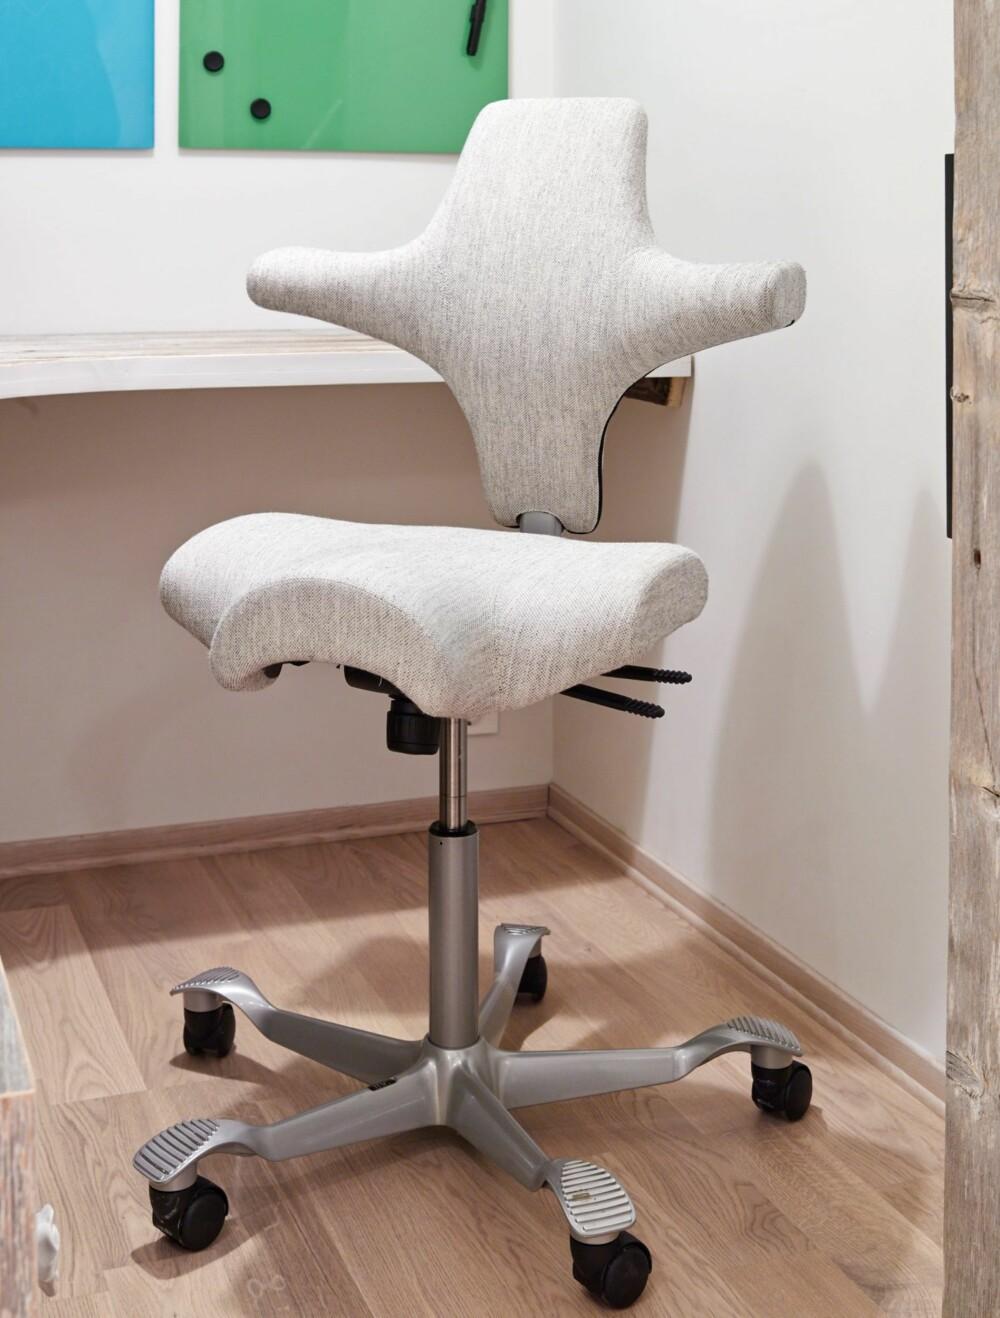 GJENNOMTENKT VALG: Paret var lenge på jakt etter den optimale stolen til arbeidsplassen. Stolen Capsico fra Håg oppfylte kriteriene.